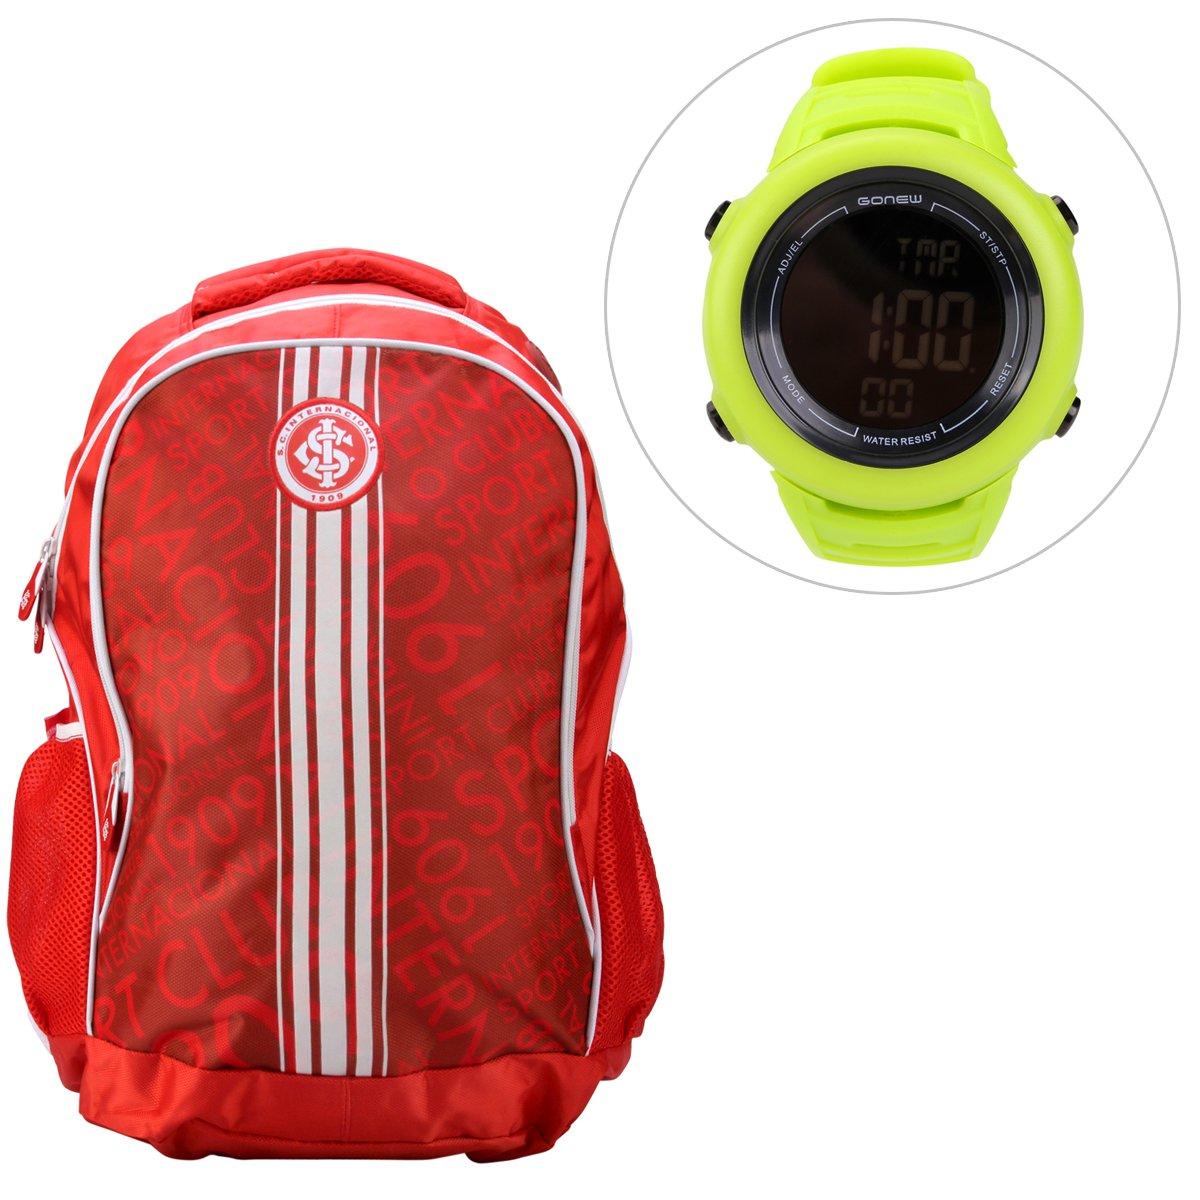 47c597d0db Kit Mochila Internacional + Relógio Gonew Energy 2 - Compre Agora ...